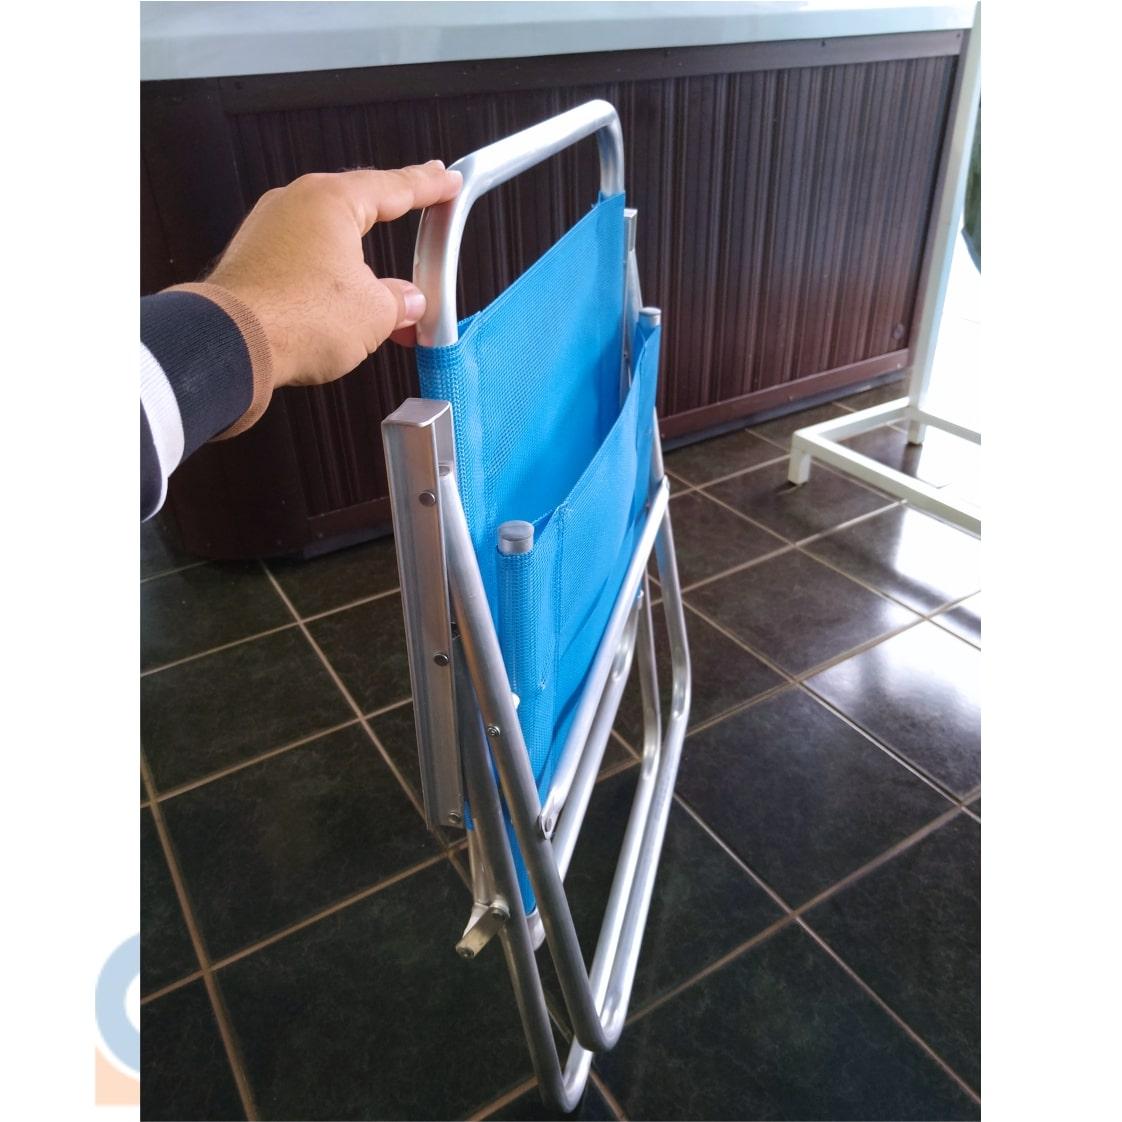 Cadeira Conforto Sannet Alumínio Dobrável - Reforçada - Ronchetti